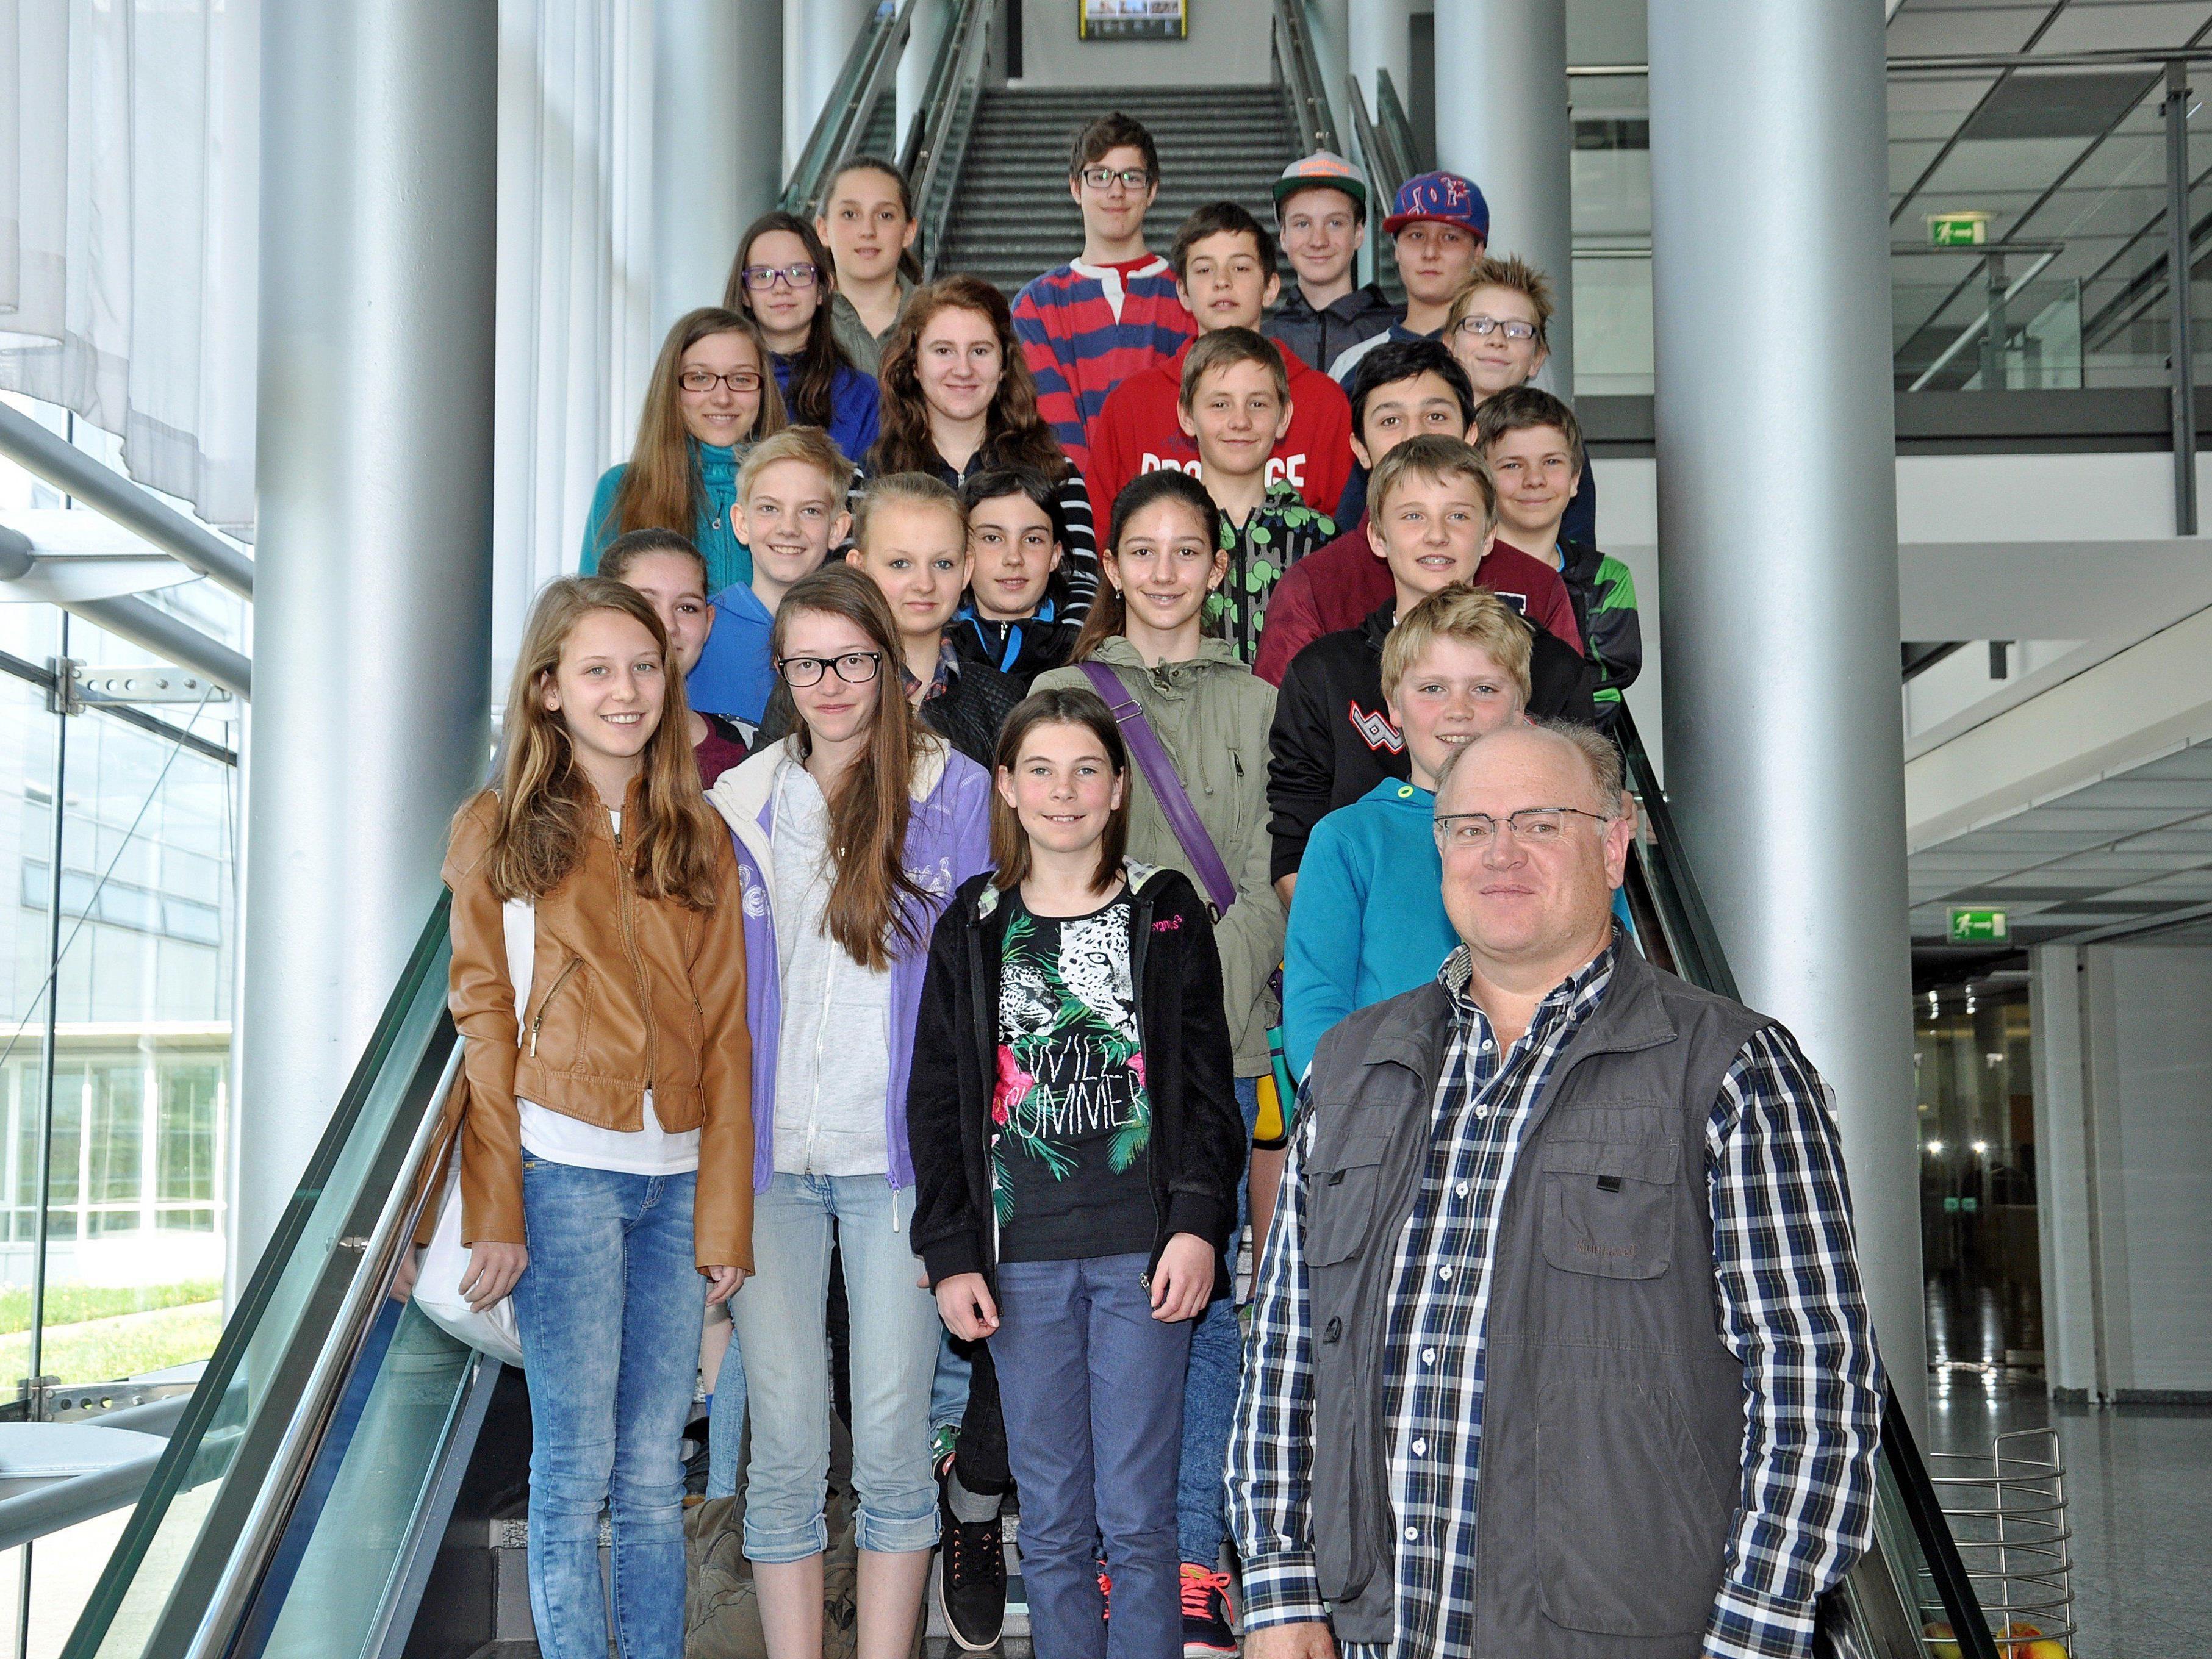 Die Schüler der Klassen 3a und 3b der Mittelschule Klostertal bekamen einen Einblick in die heimische Medienlandschaft.